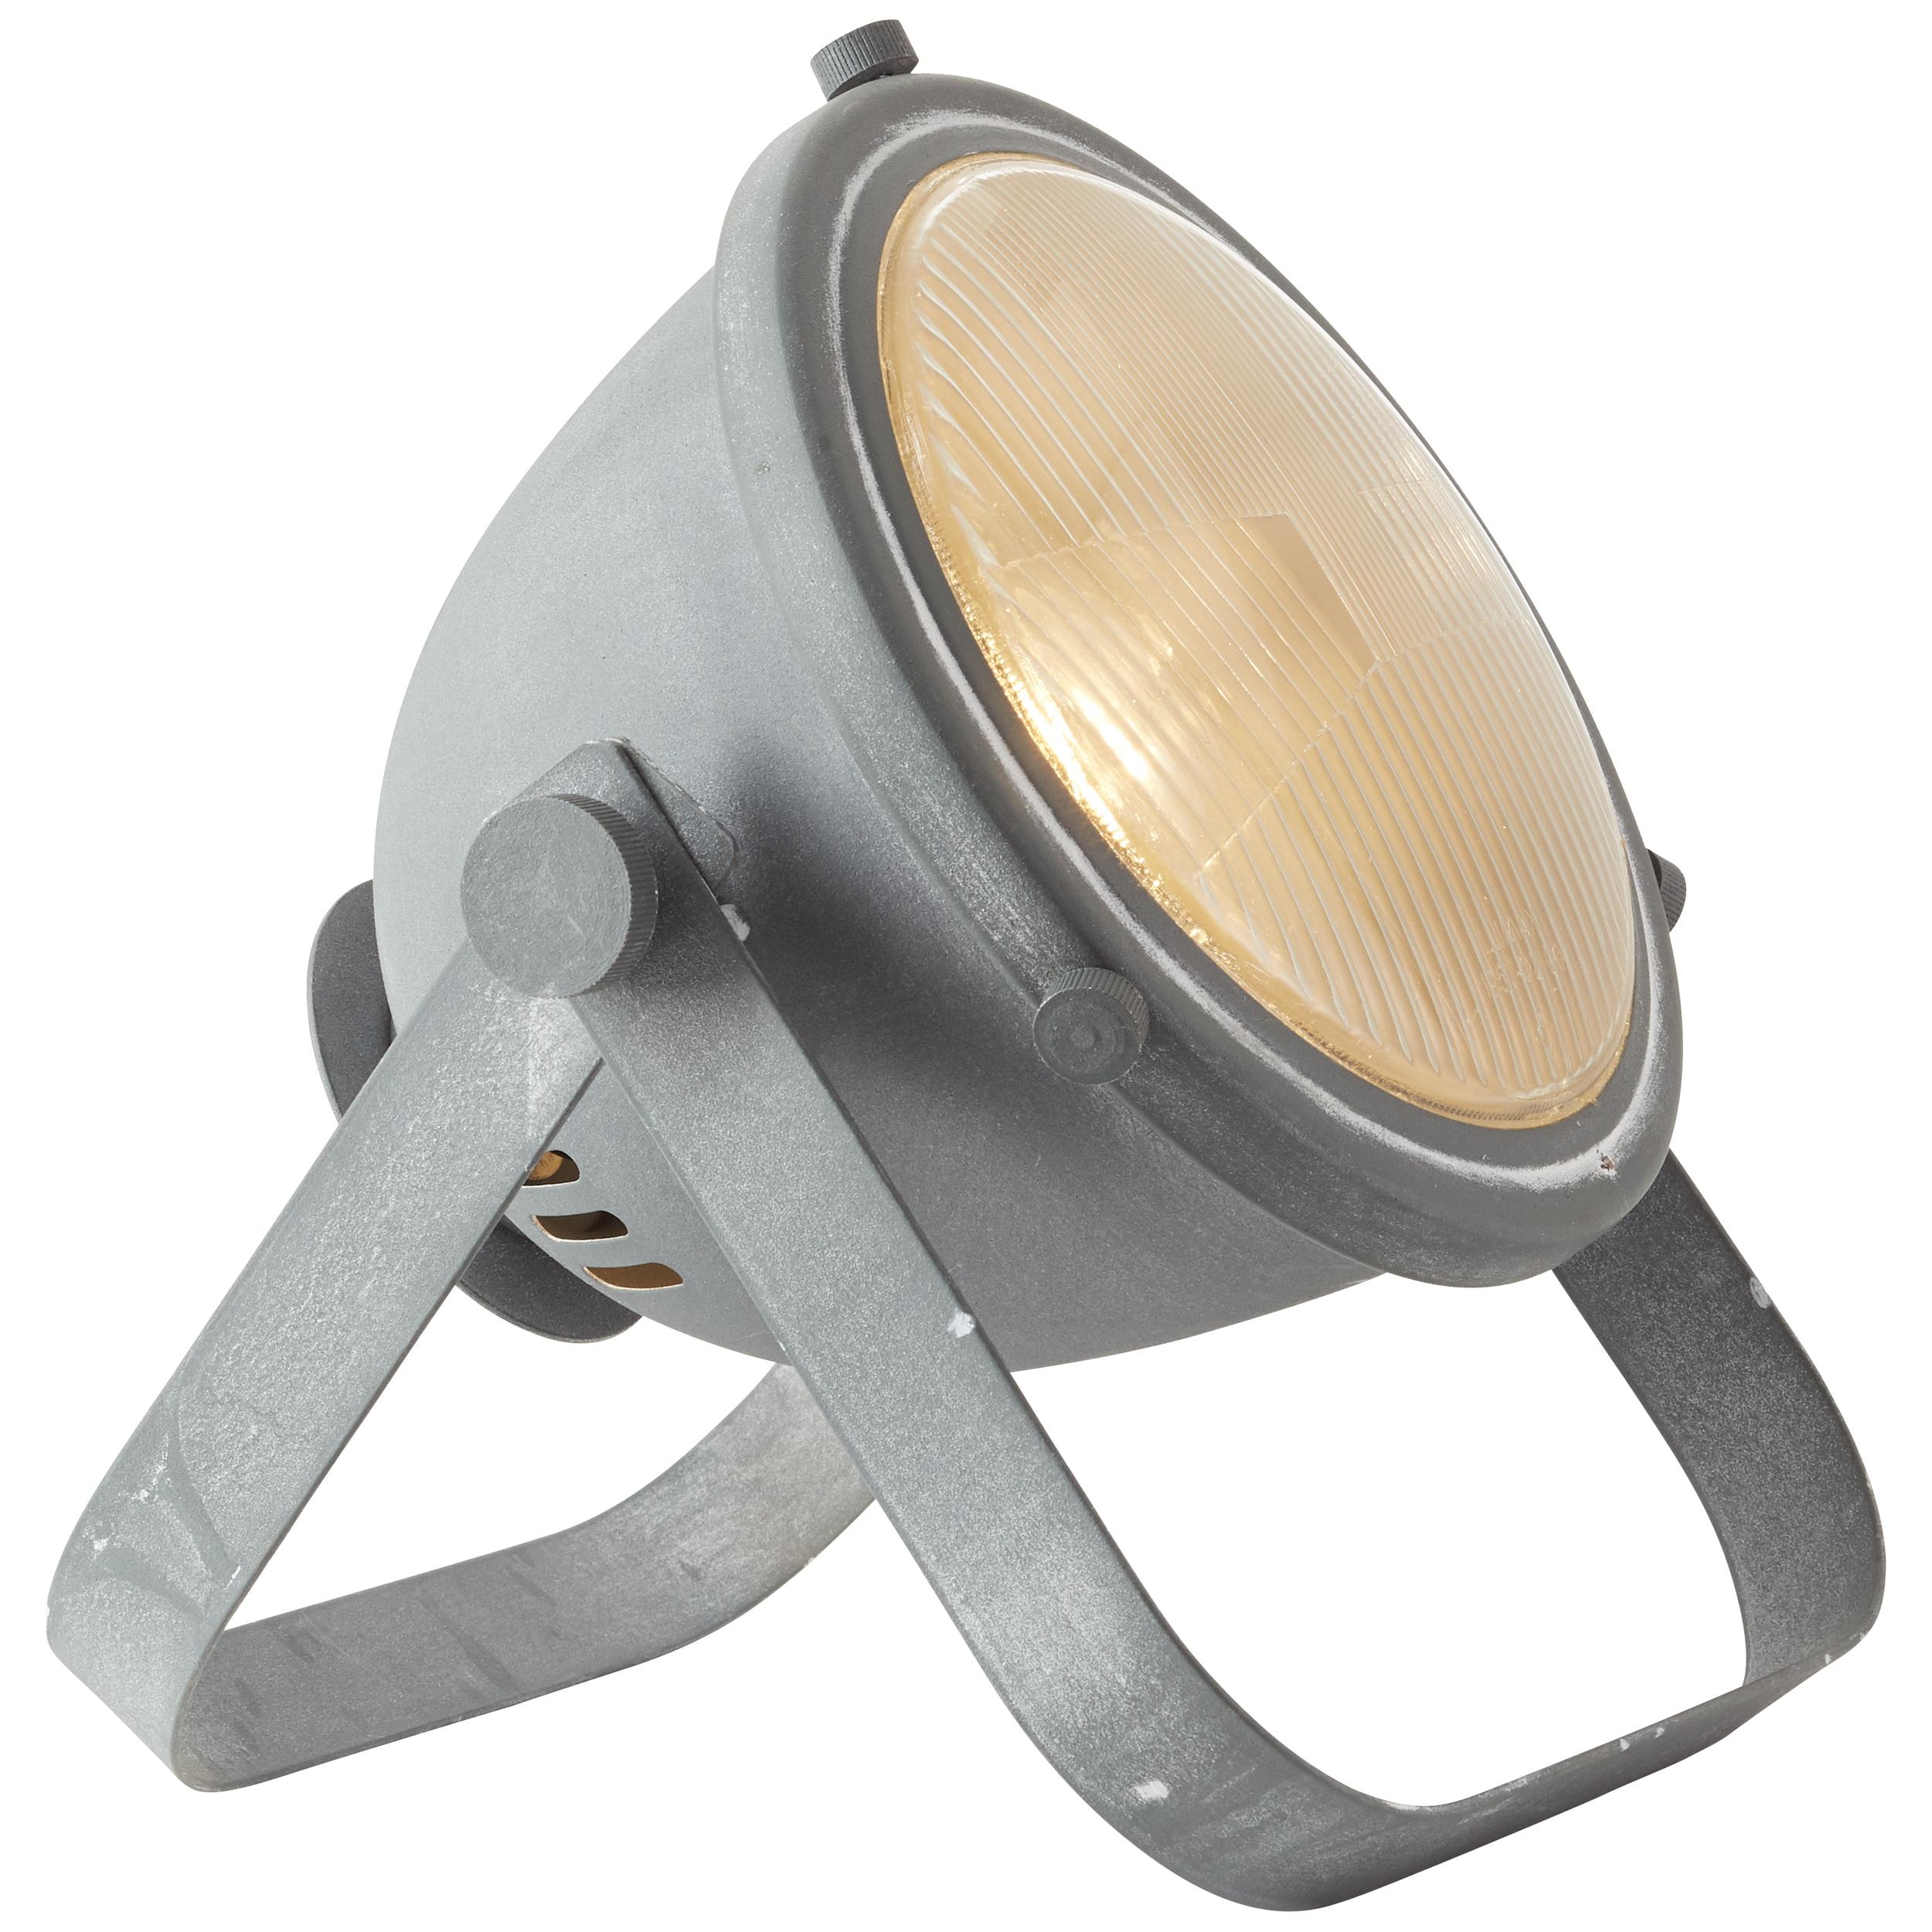 Brilliant Leuchten Bo Tischleuchte Glas grau Beton